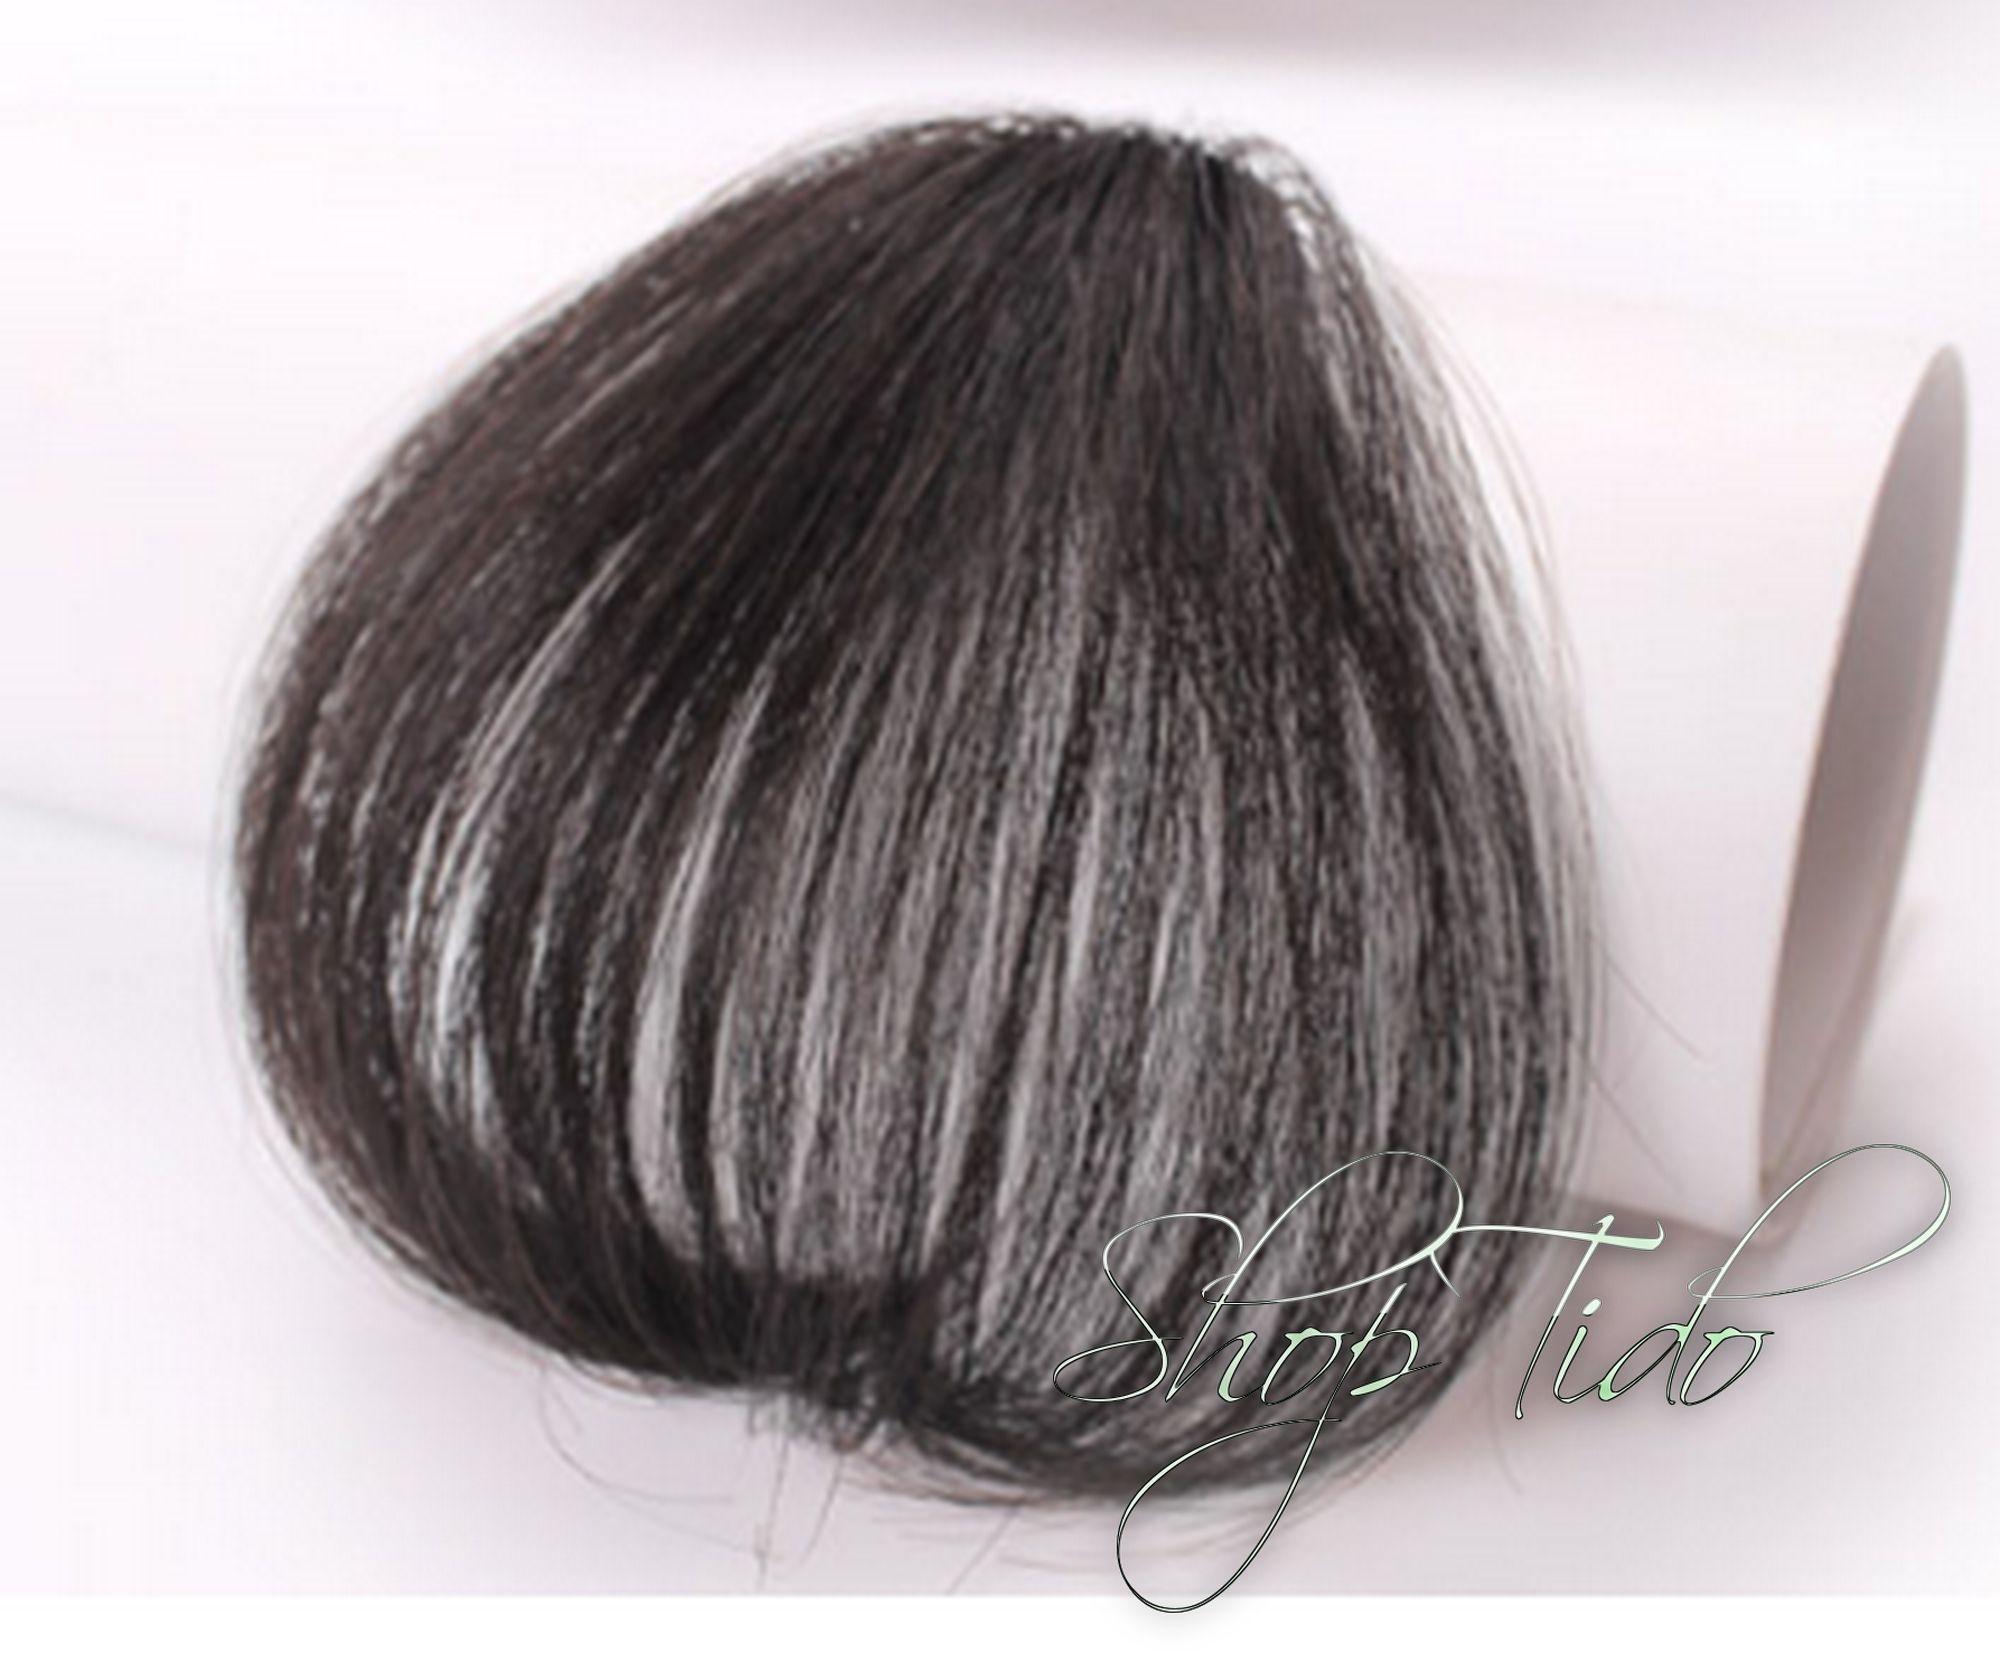 [ ĐEN NHẠT ] Tóc Mái Thưa Giả nhập khẩu